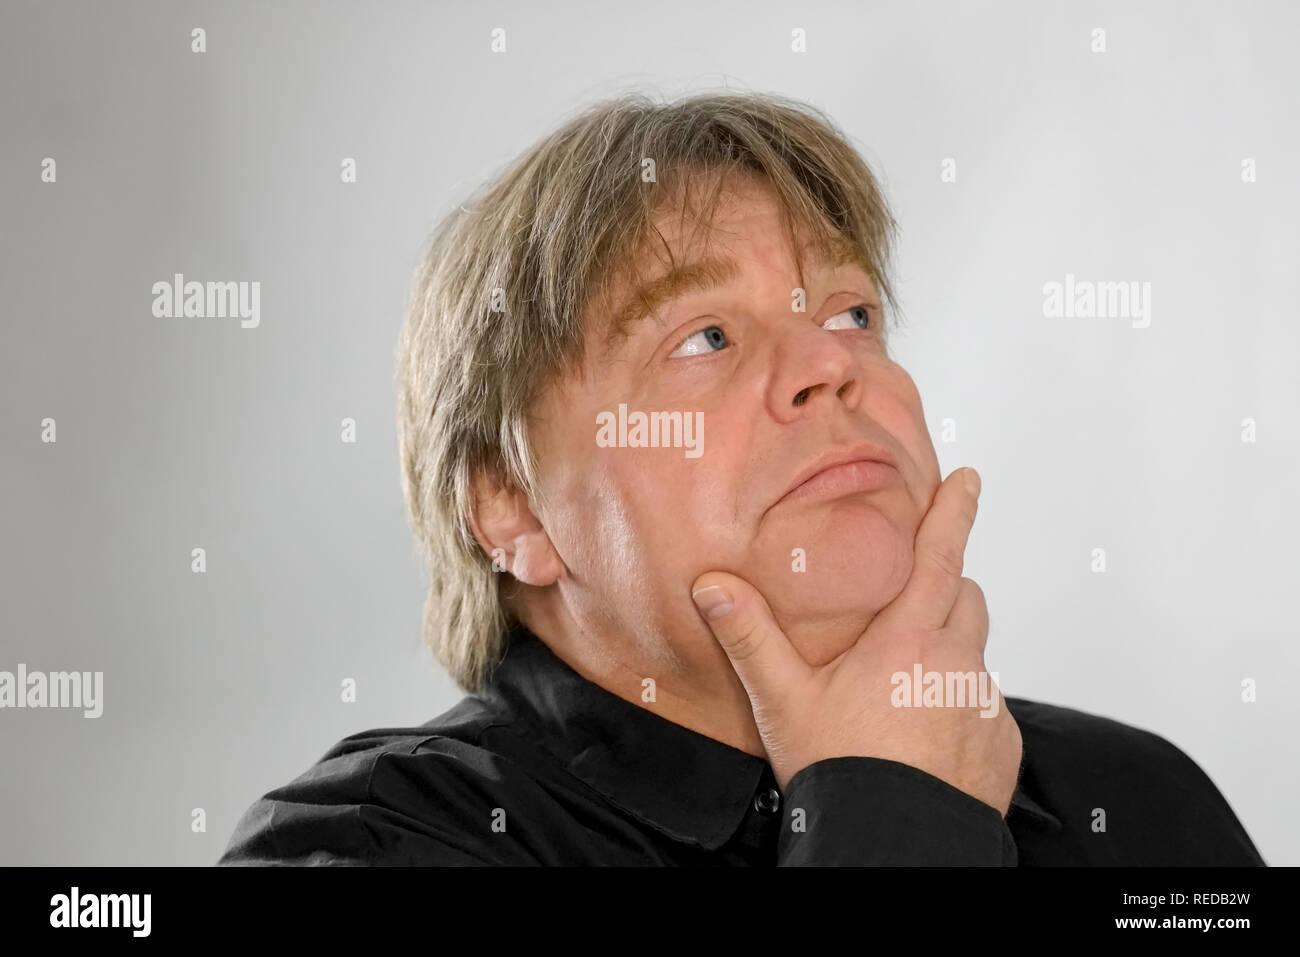 50 Jahre alter Mann mit heller Haut und blonden Haaren ist mit Verlust. Das Gesicht zeigt viel Mimik beim Denken. Er legte seine Hand unter sein Kinn ein Stockbild